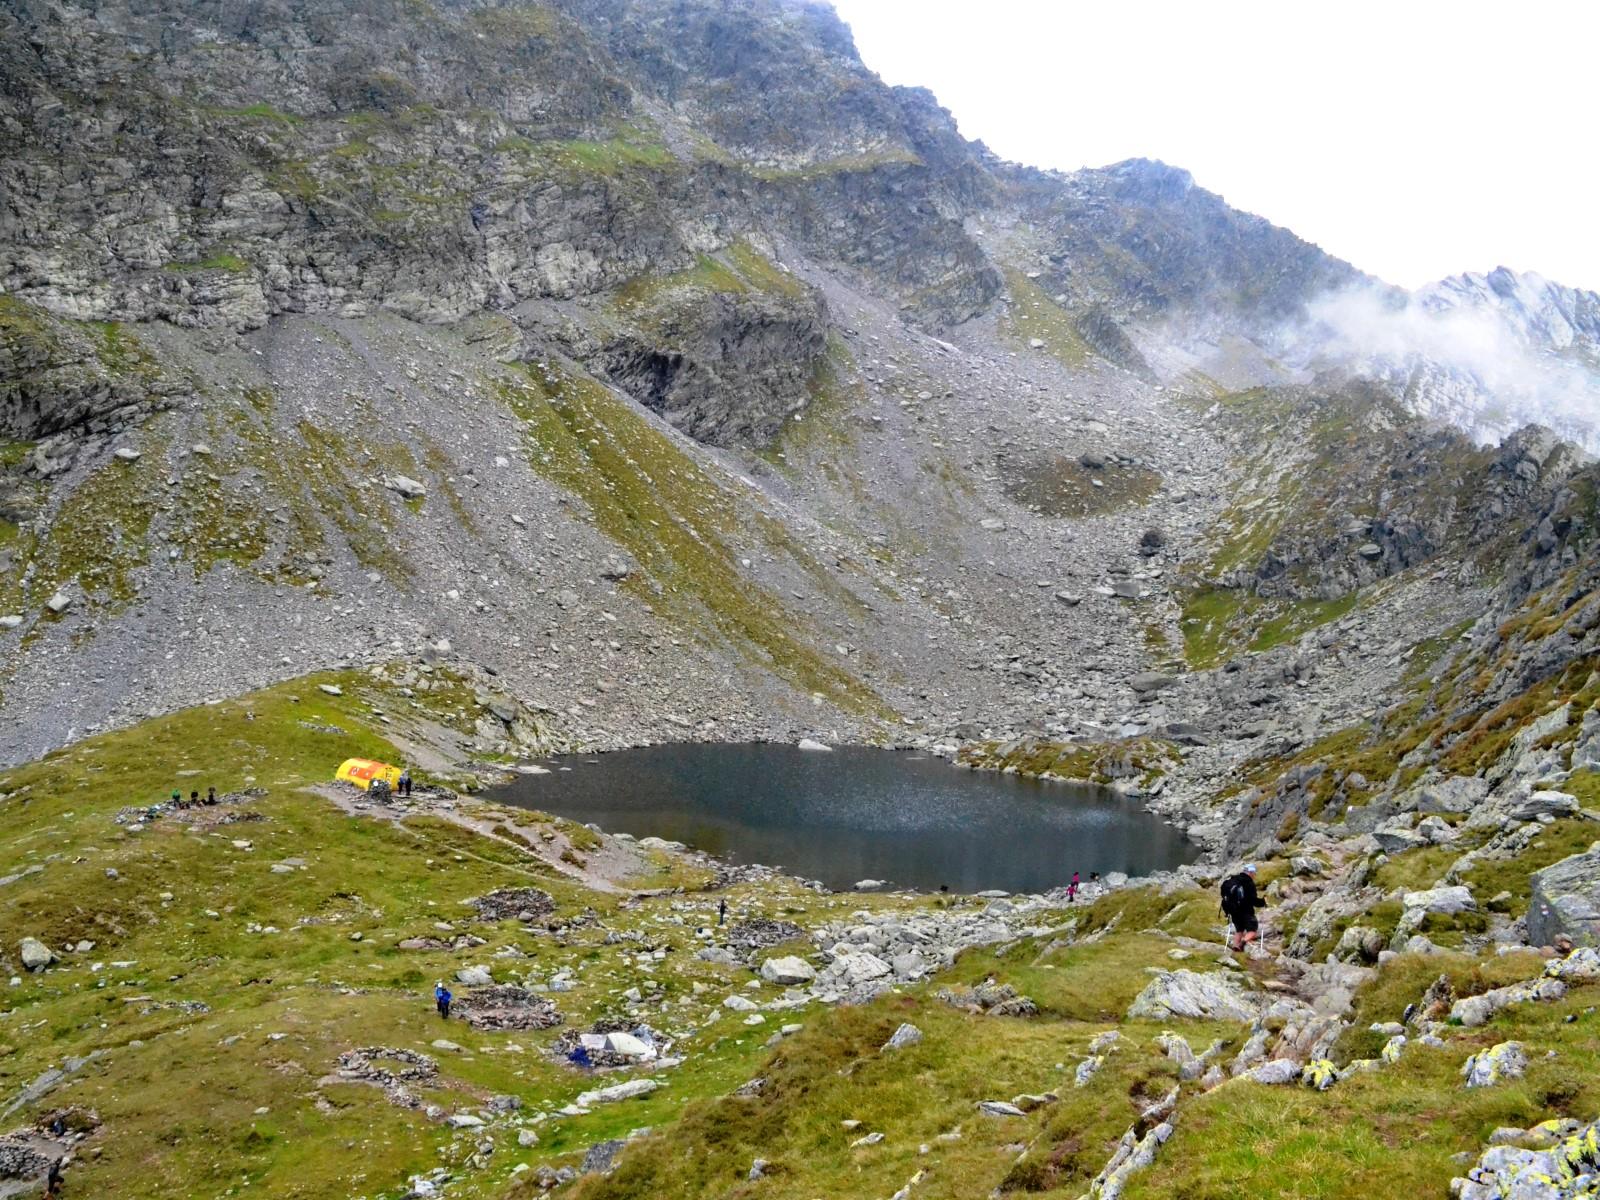 Lacul Călțun 4 - Lacul Călțun – diamantul din inima Făgărașului